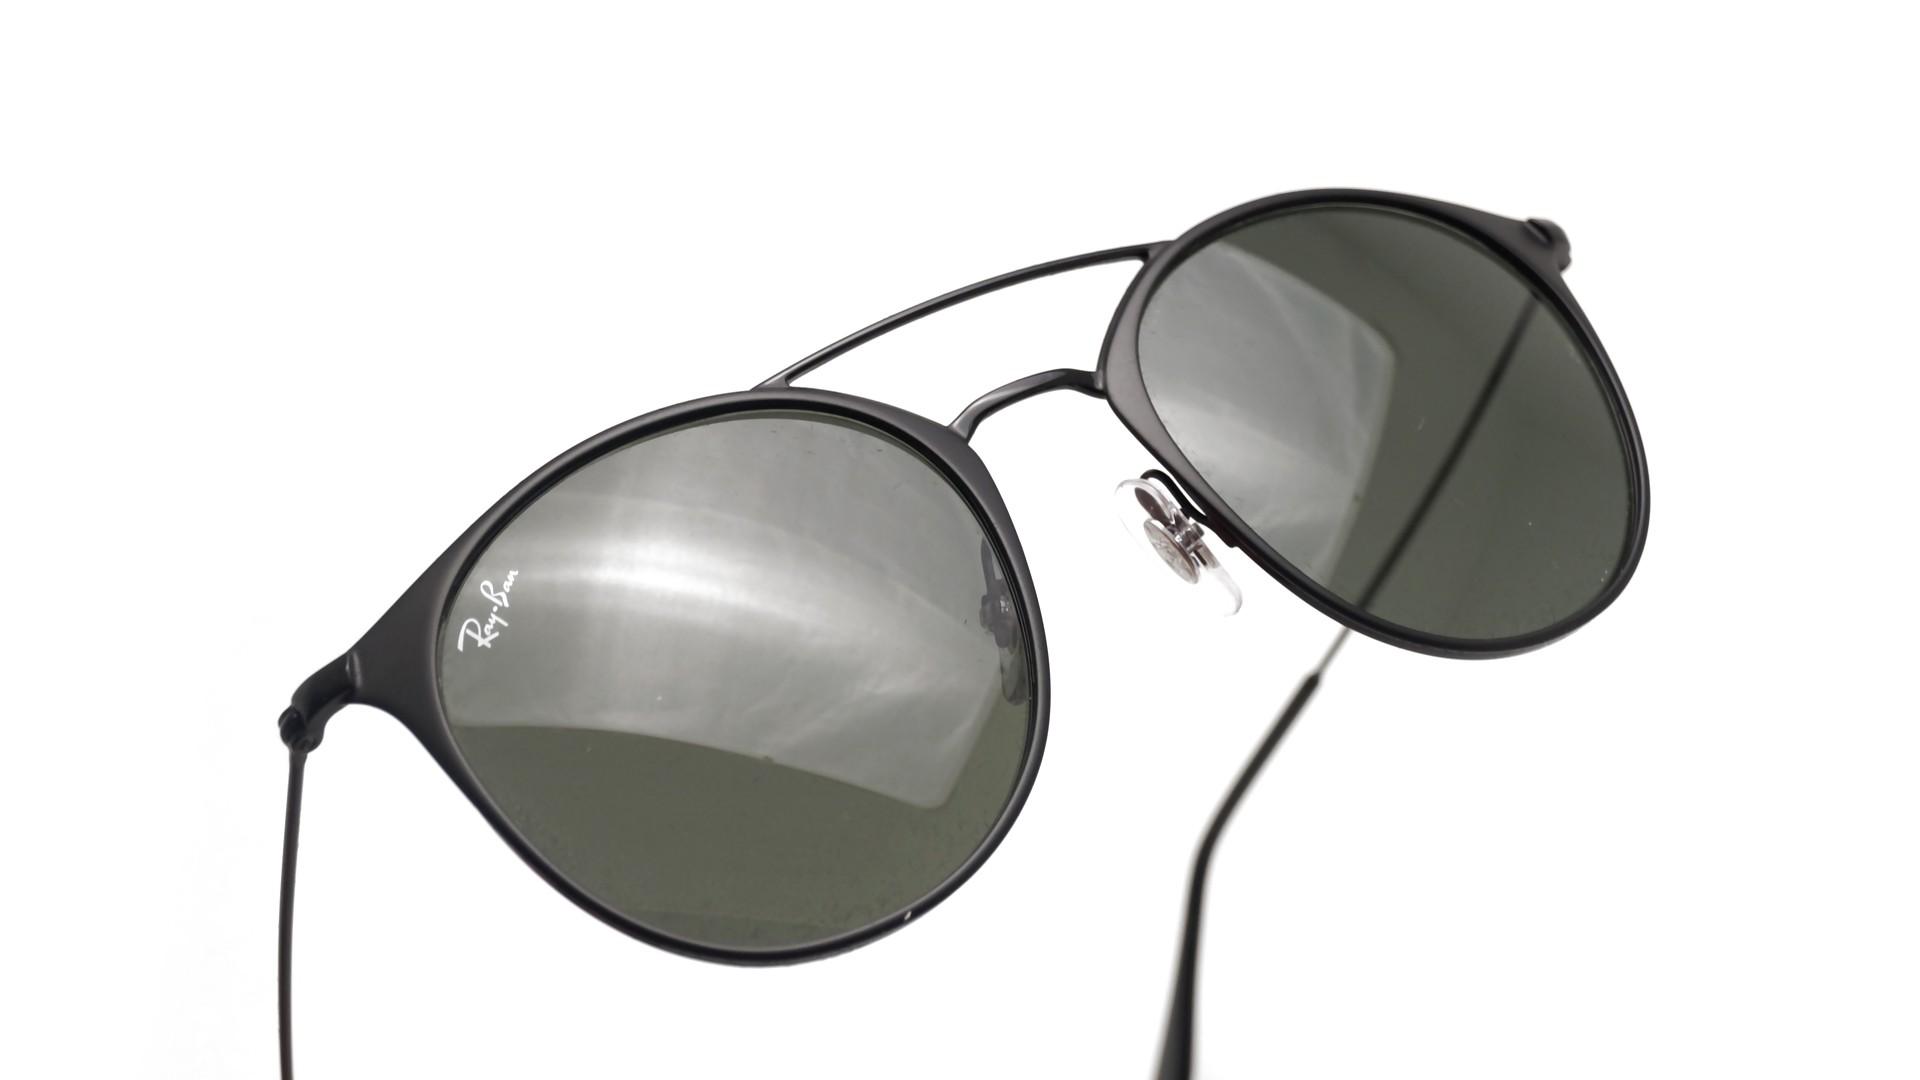 385c7e64c0 Ray Ban Sunglasses 20 Euro « Heritage Malta